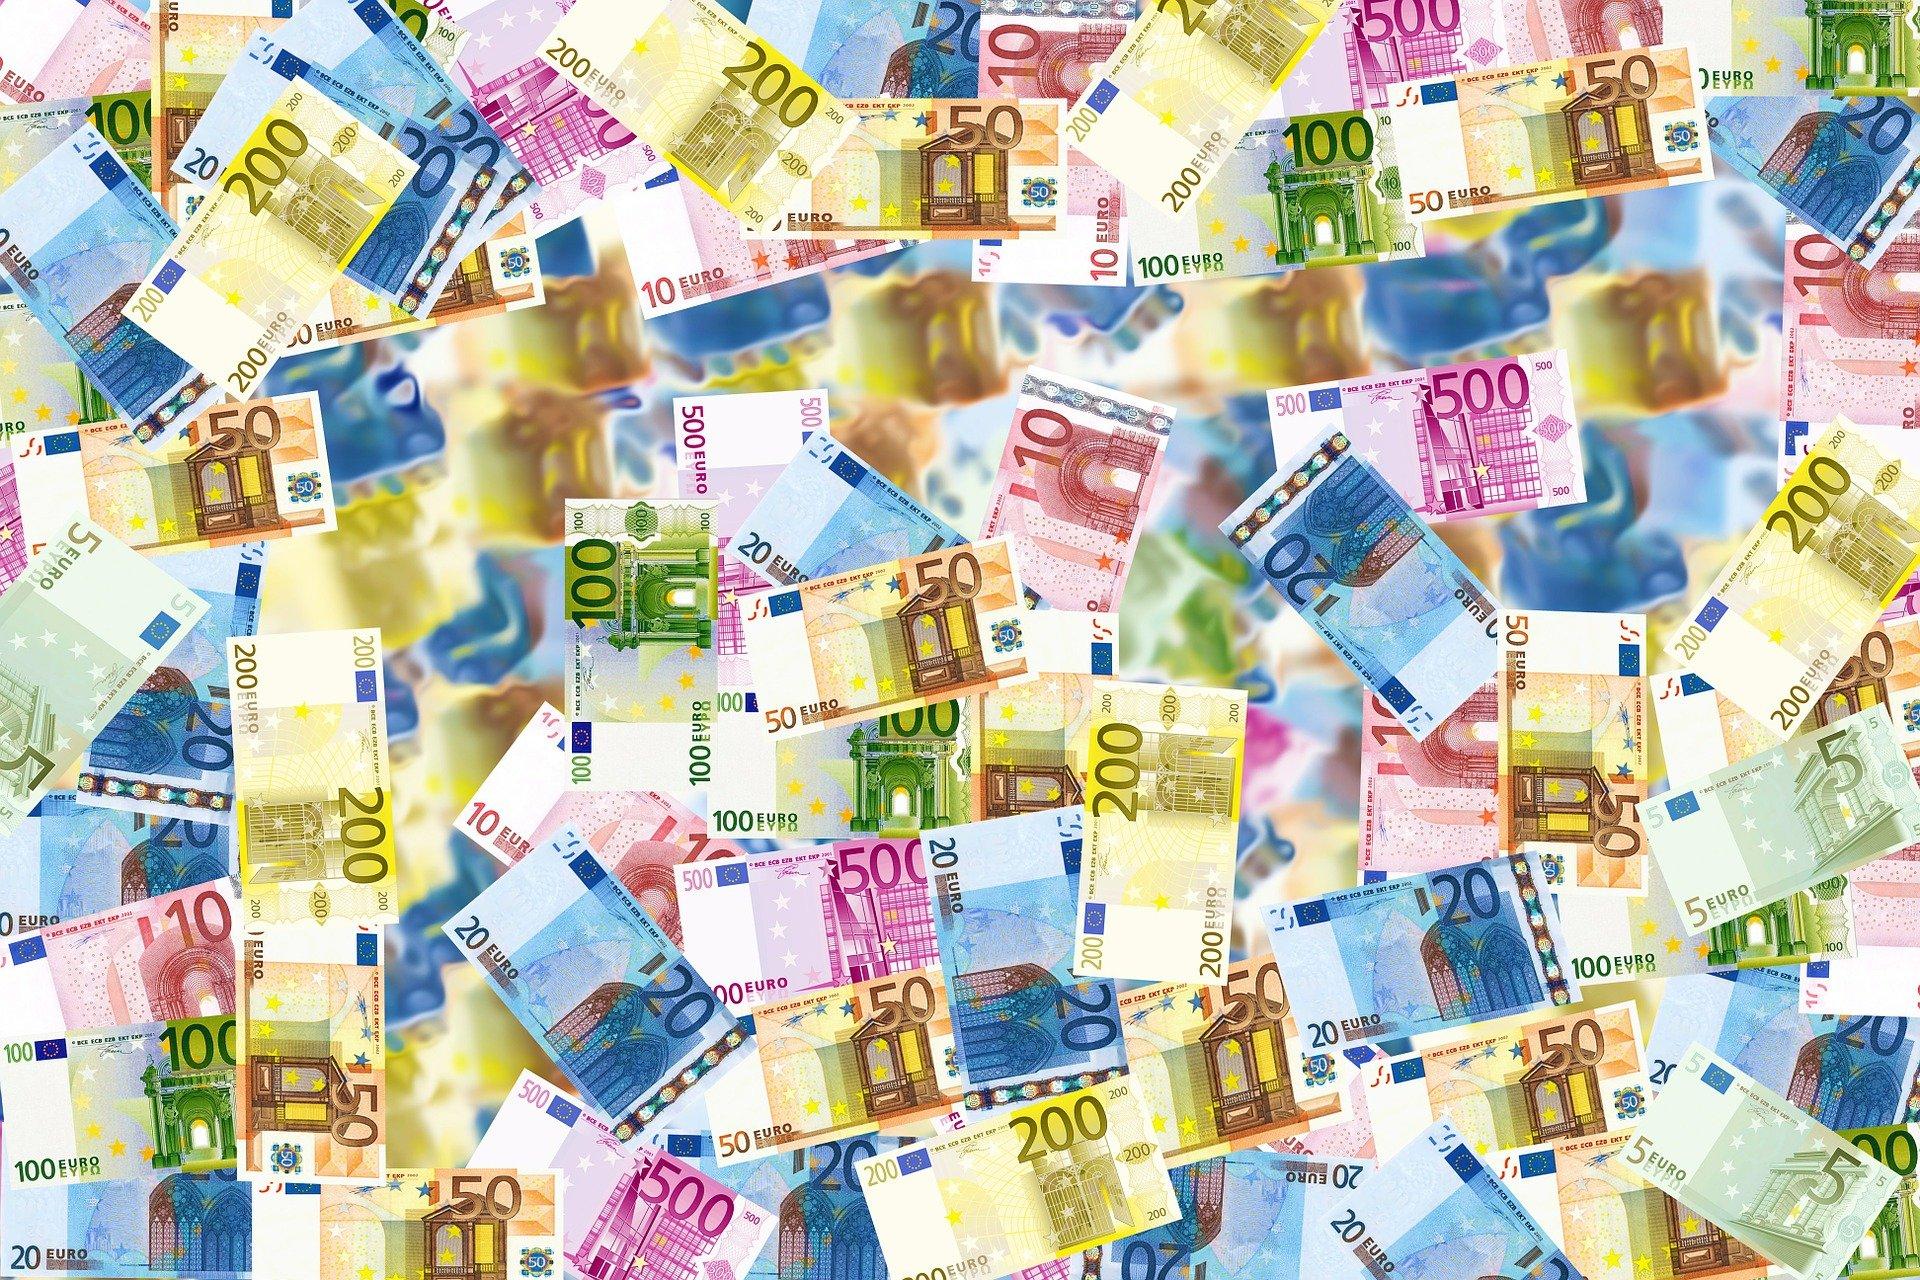 Еврокомиссия одобрила Украине второй транш помощи на 600 млн евро